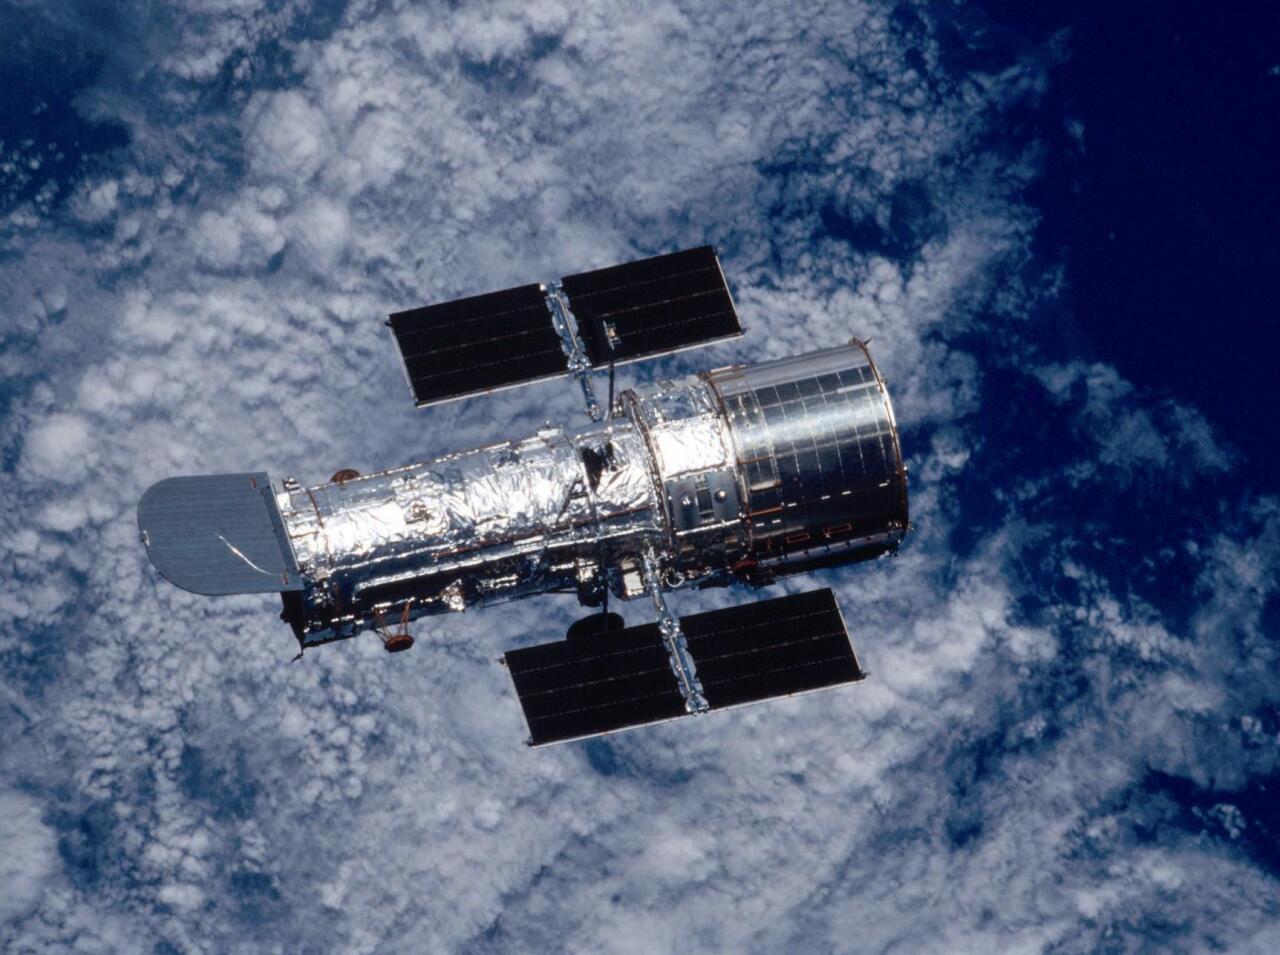 """Lurraren atmosferaren eragina saihesteko hainbat behatoki kokatu dira Lurraren inguruko orbitetan. Irudikoa <span style=""""font-style:italic"""">Hubble</span> <span style=""""font-style:italic"""">Space Telescope </span>da"""